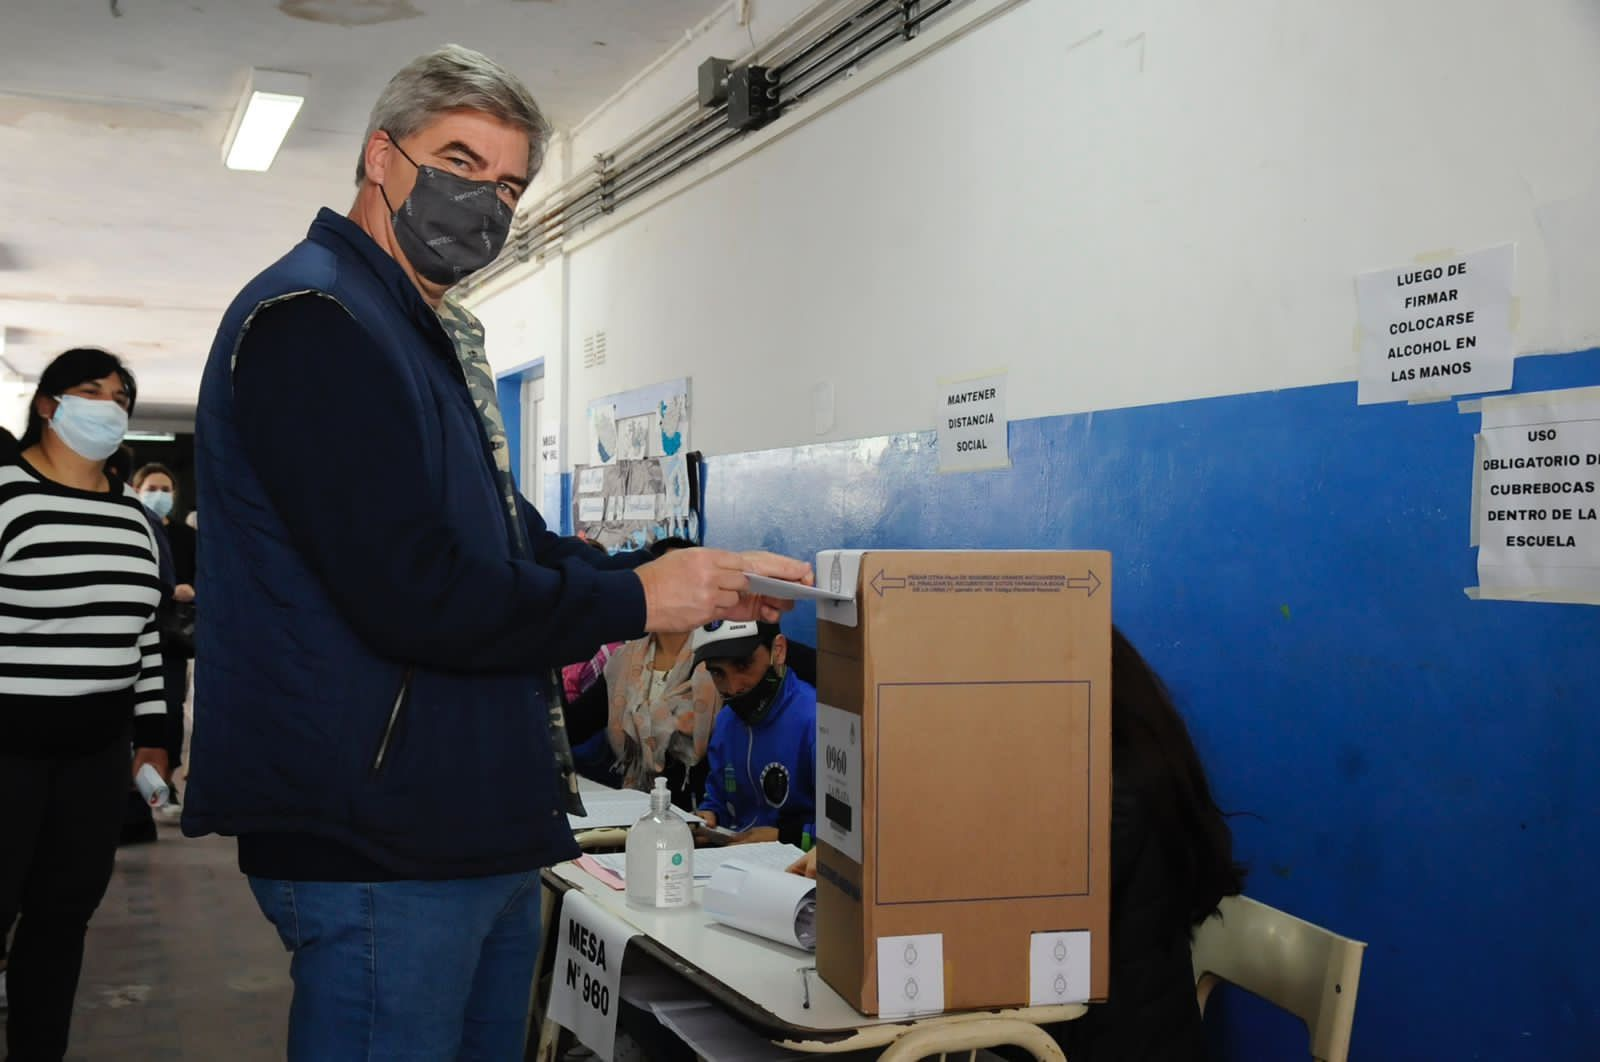 El candidato ganador de La Plata, Javier Mor Roig